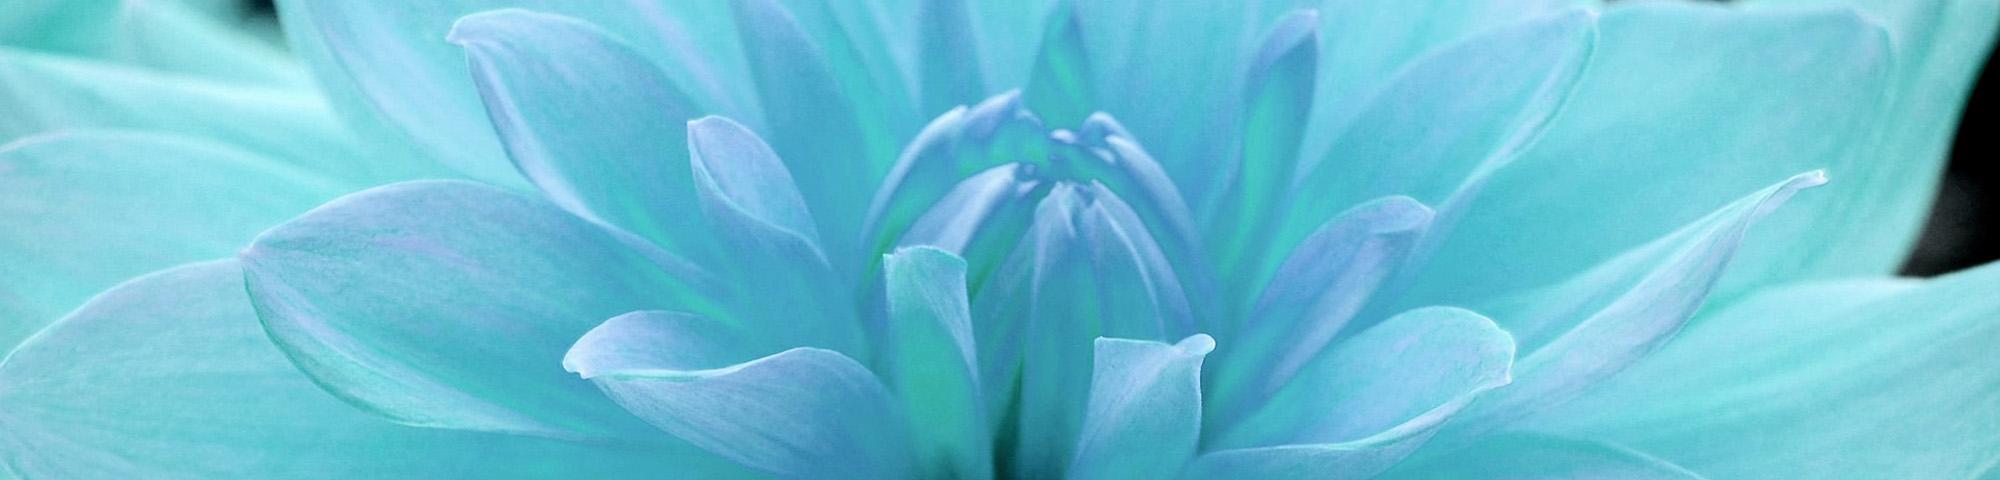 Fond-de-site-fleur